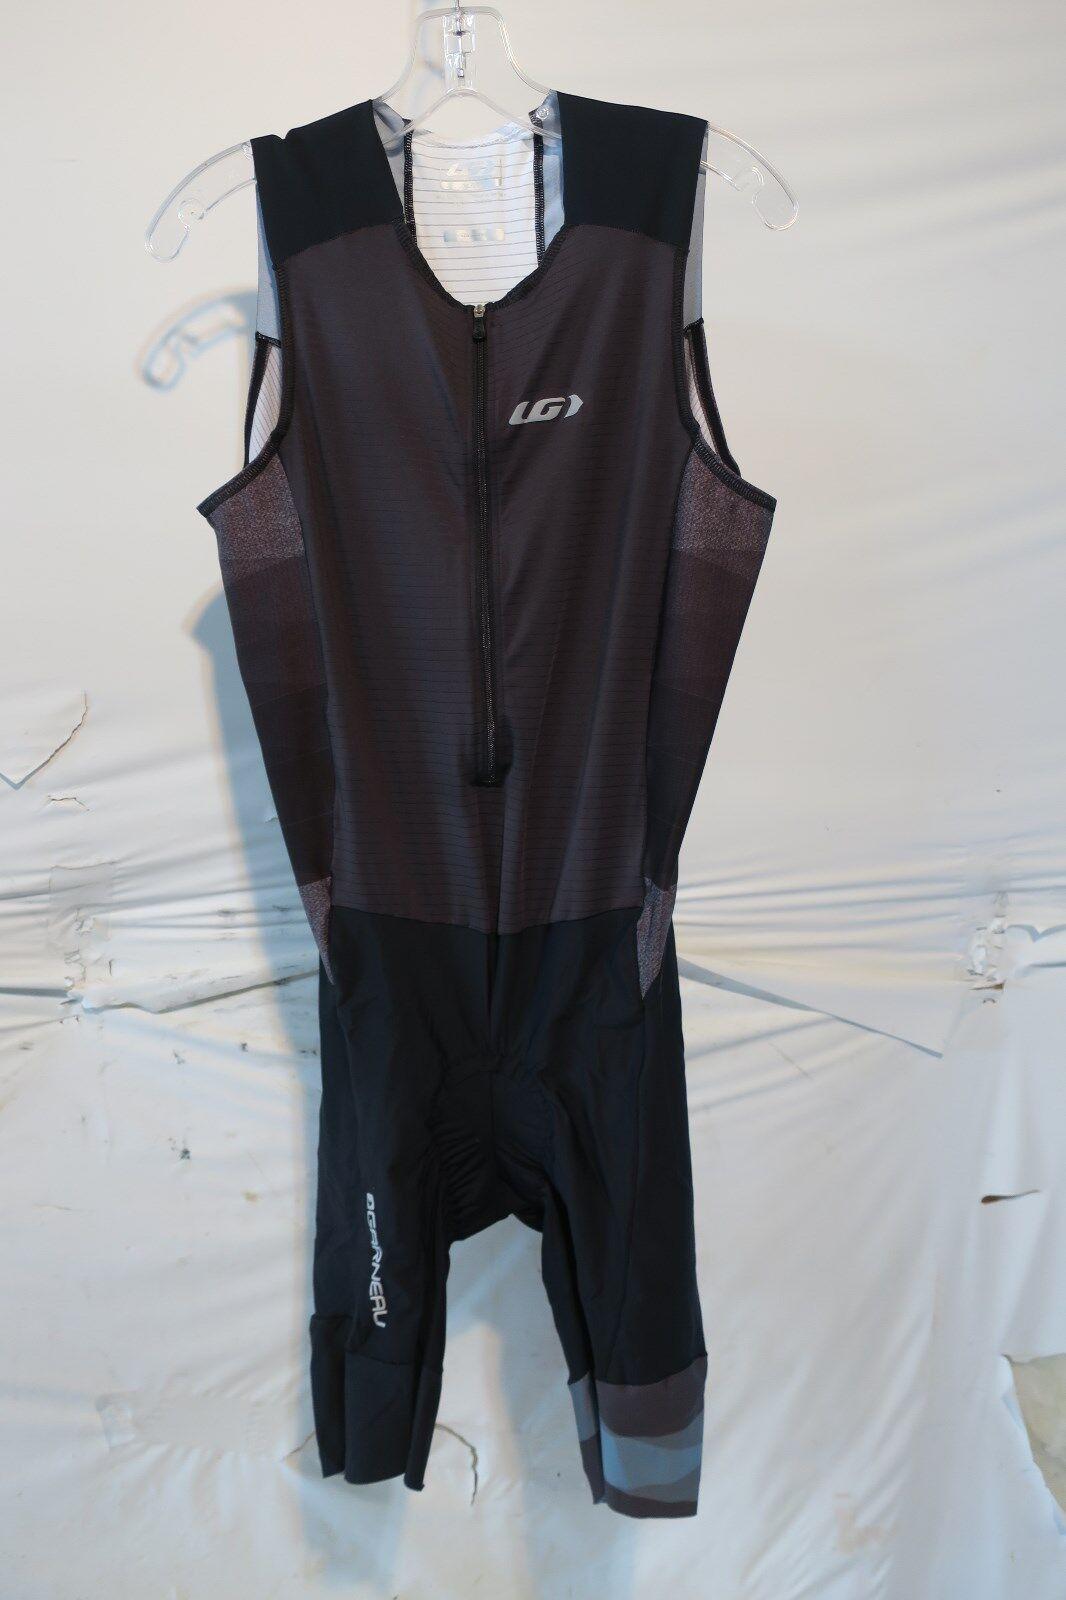 Louis Garneau Pro Carbon Triathlon  Suit Men's XL Neo Classic Retail  145  brand on sale clearance